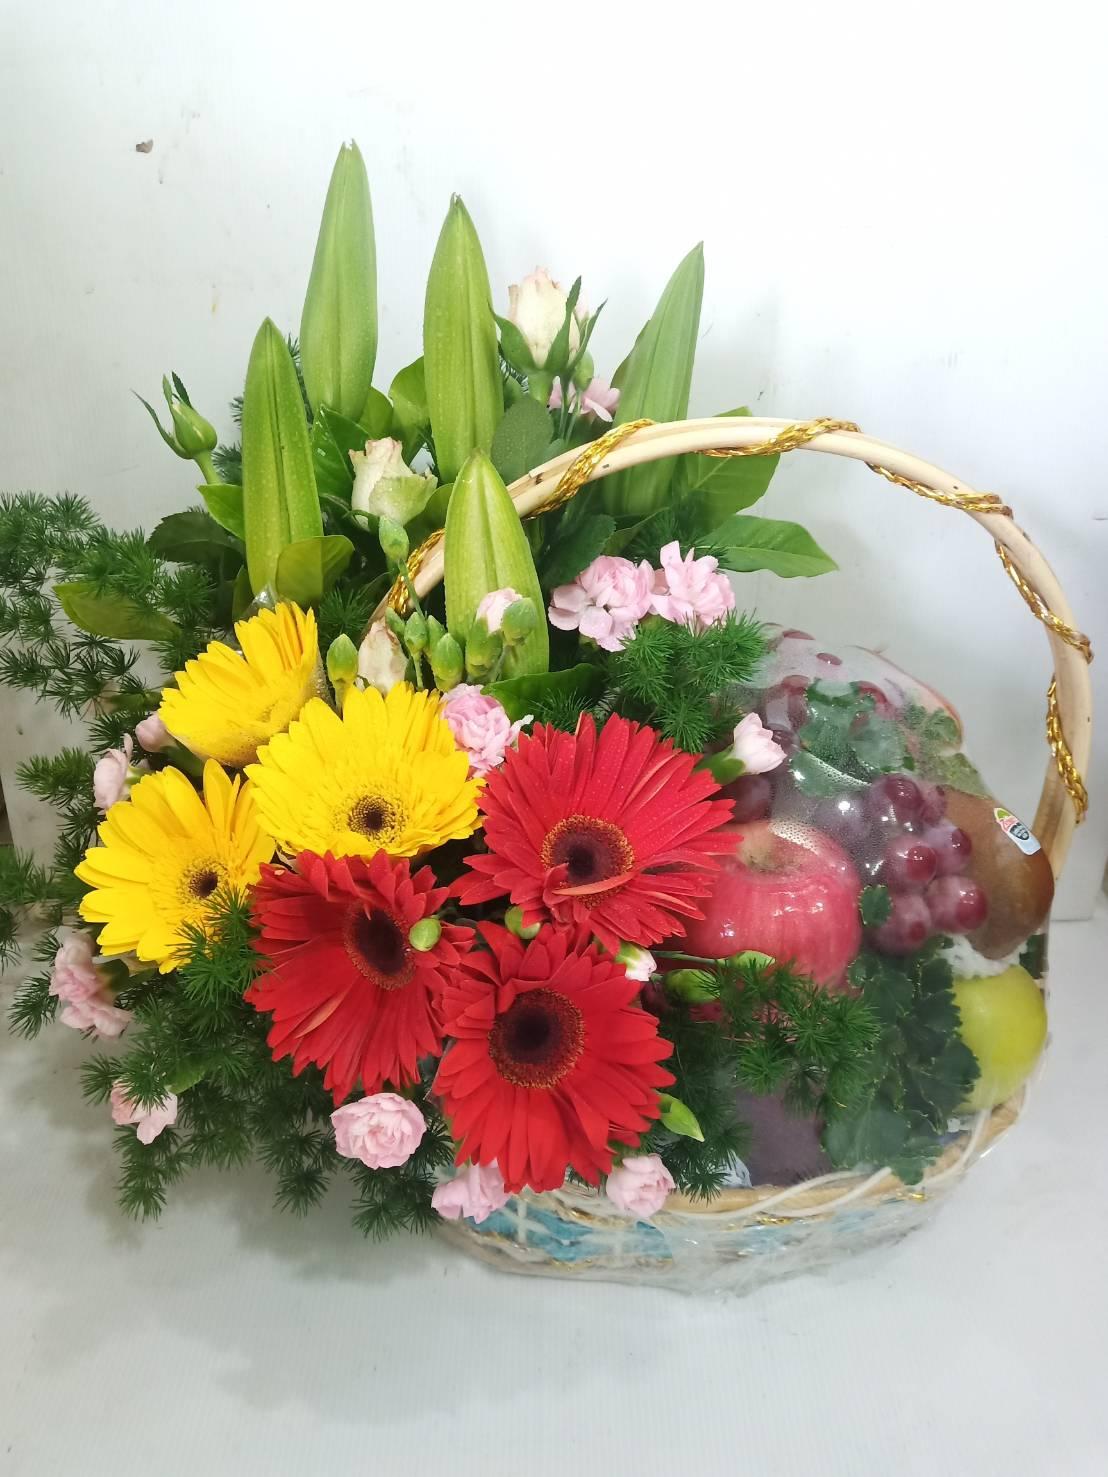 กระเช้าแห่งความห่วงใย ใส่ใจในสุขภาพของคนที่คุณรักด้วยผลไม้สดตามฤดูกาลกันนะคะ